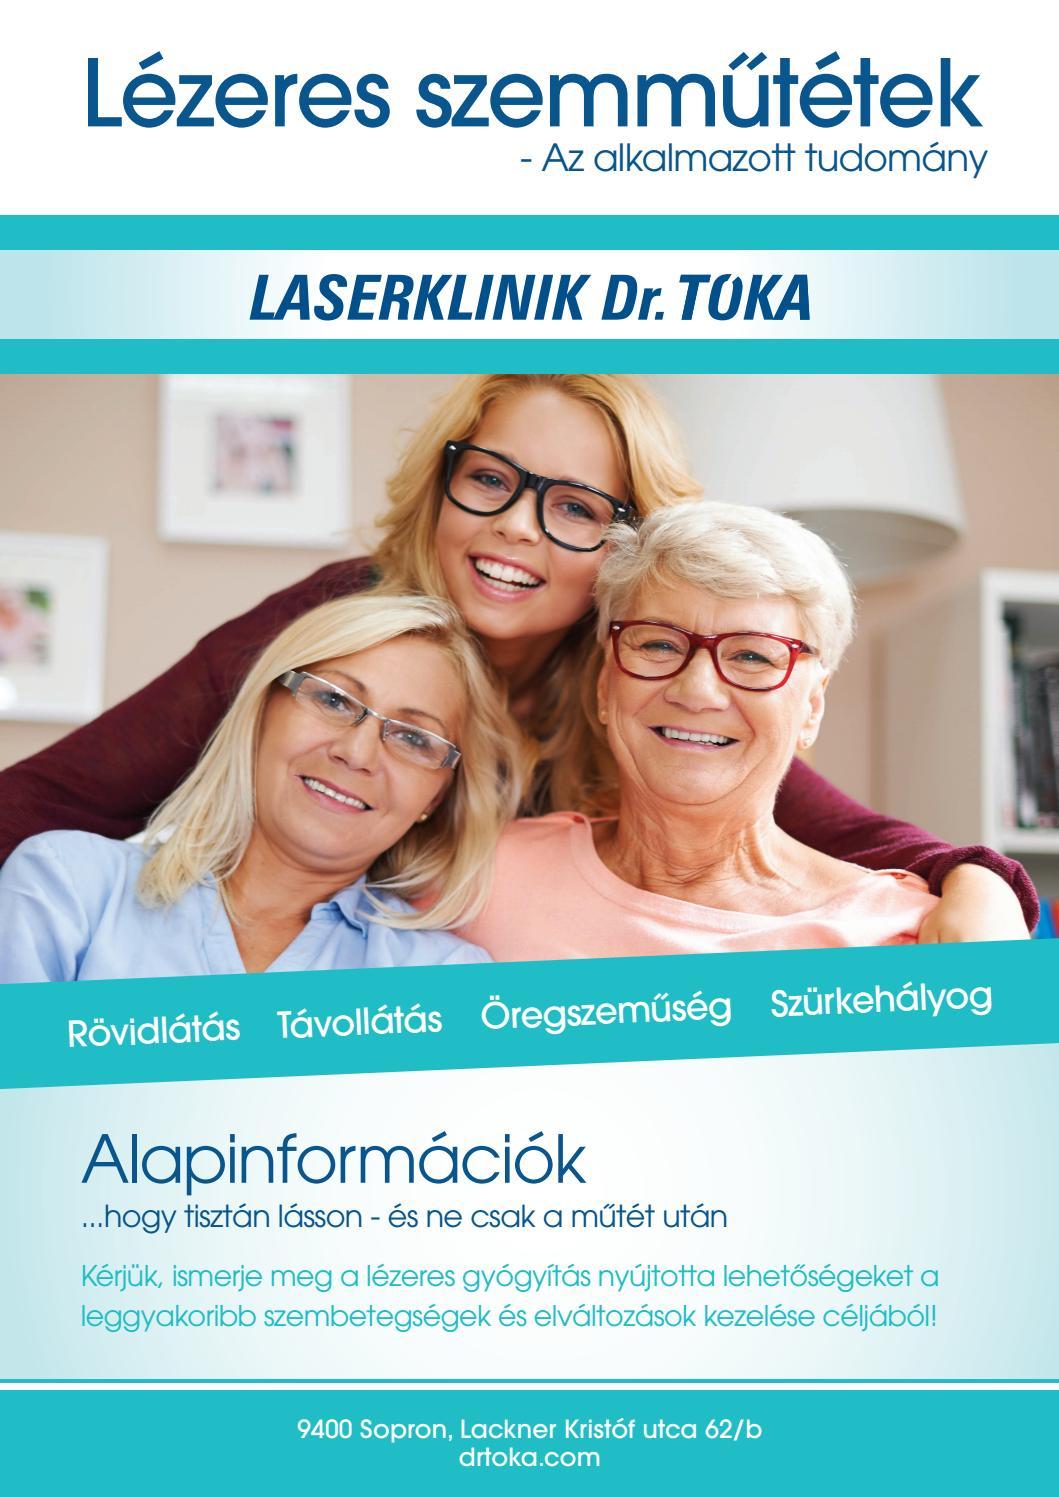 hyperopia myopia treatment hosszú távú stressz a látásra